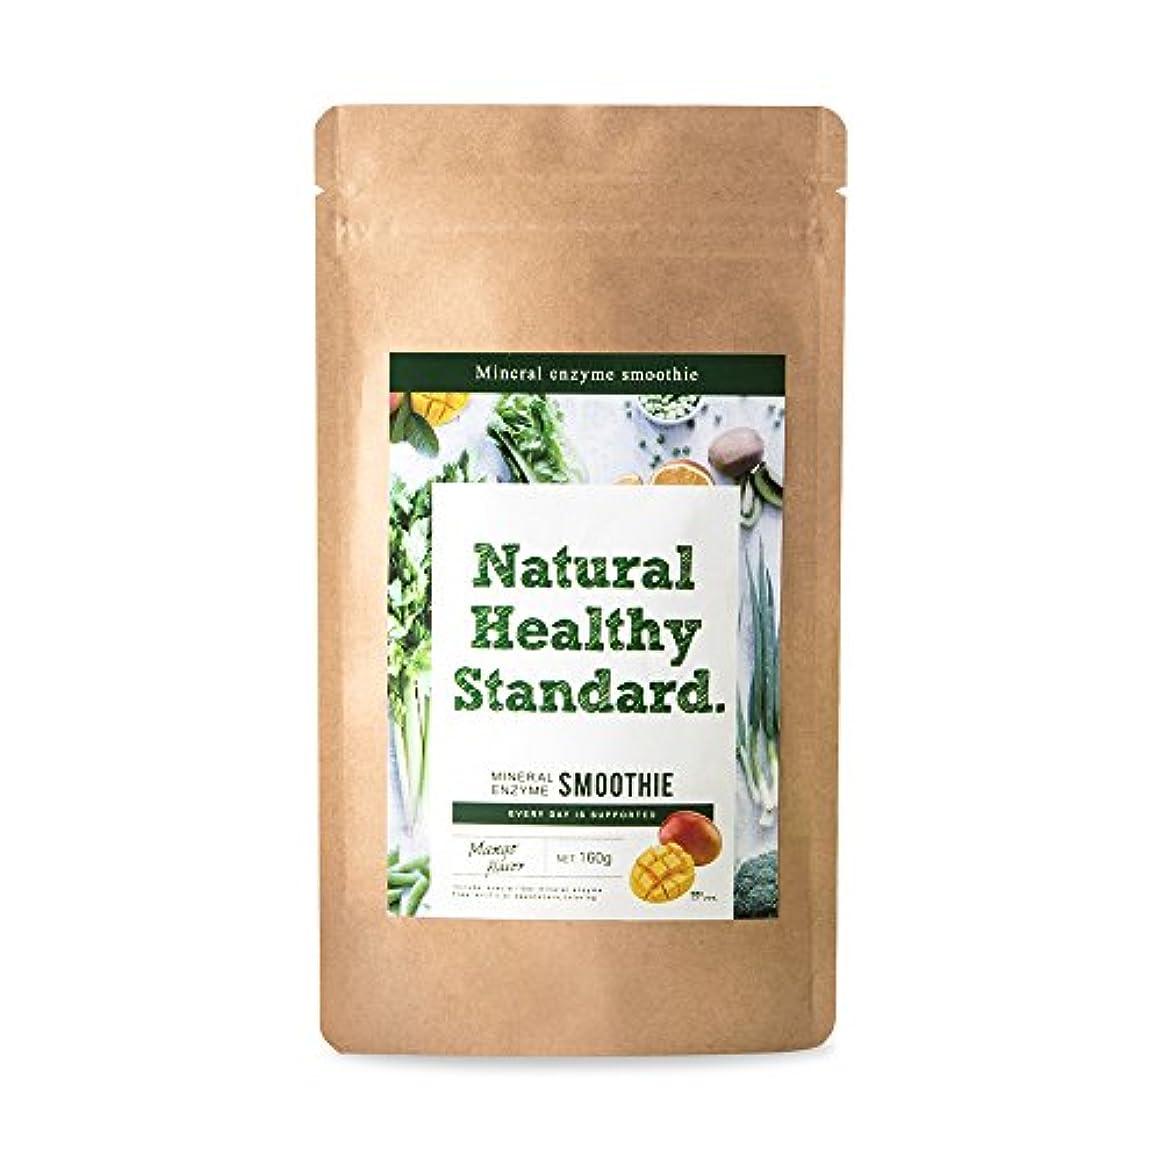 五十欲求不満ゆるくNatural Healthy Standard. ミネラル酵素グリーンスムージー マンゴー味 160g (2017年リニューアル品)